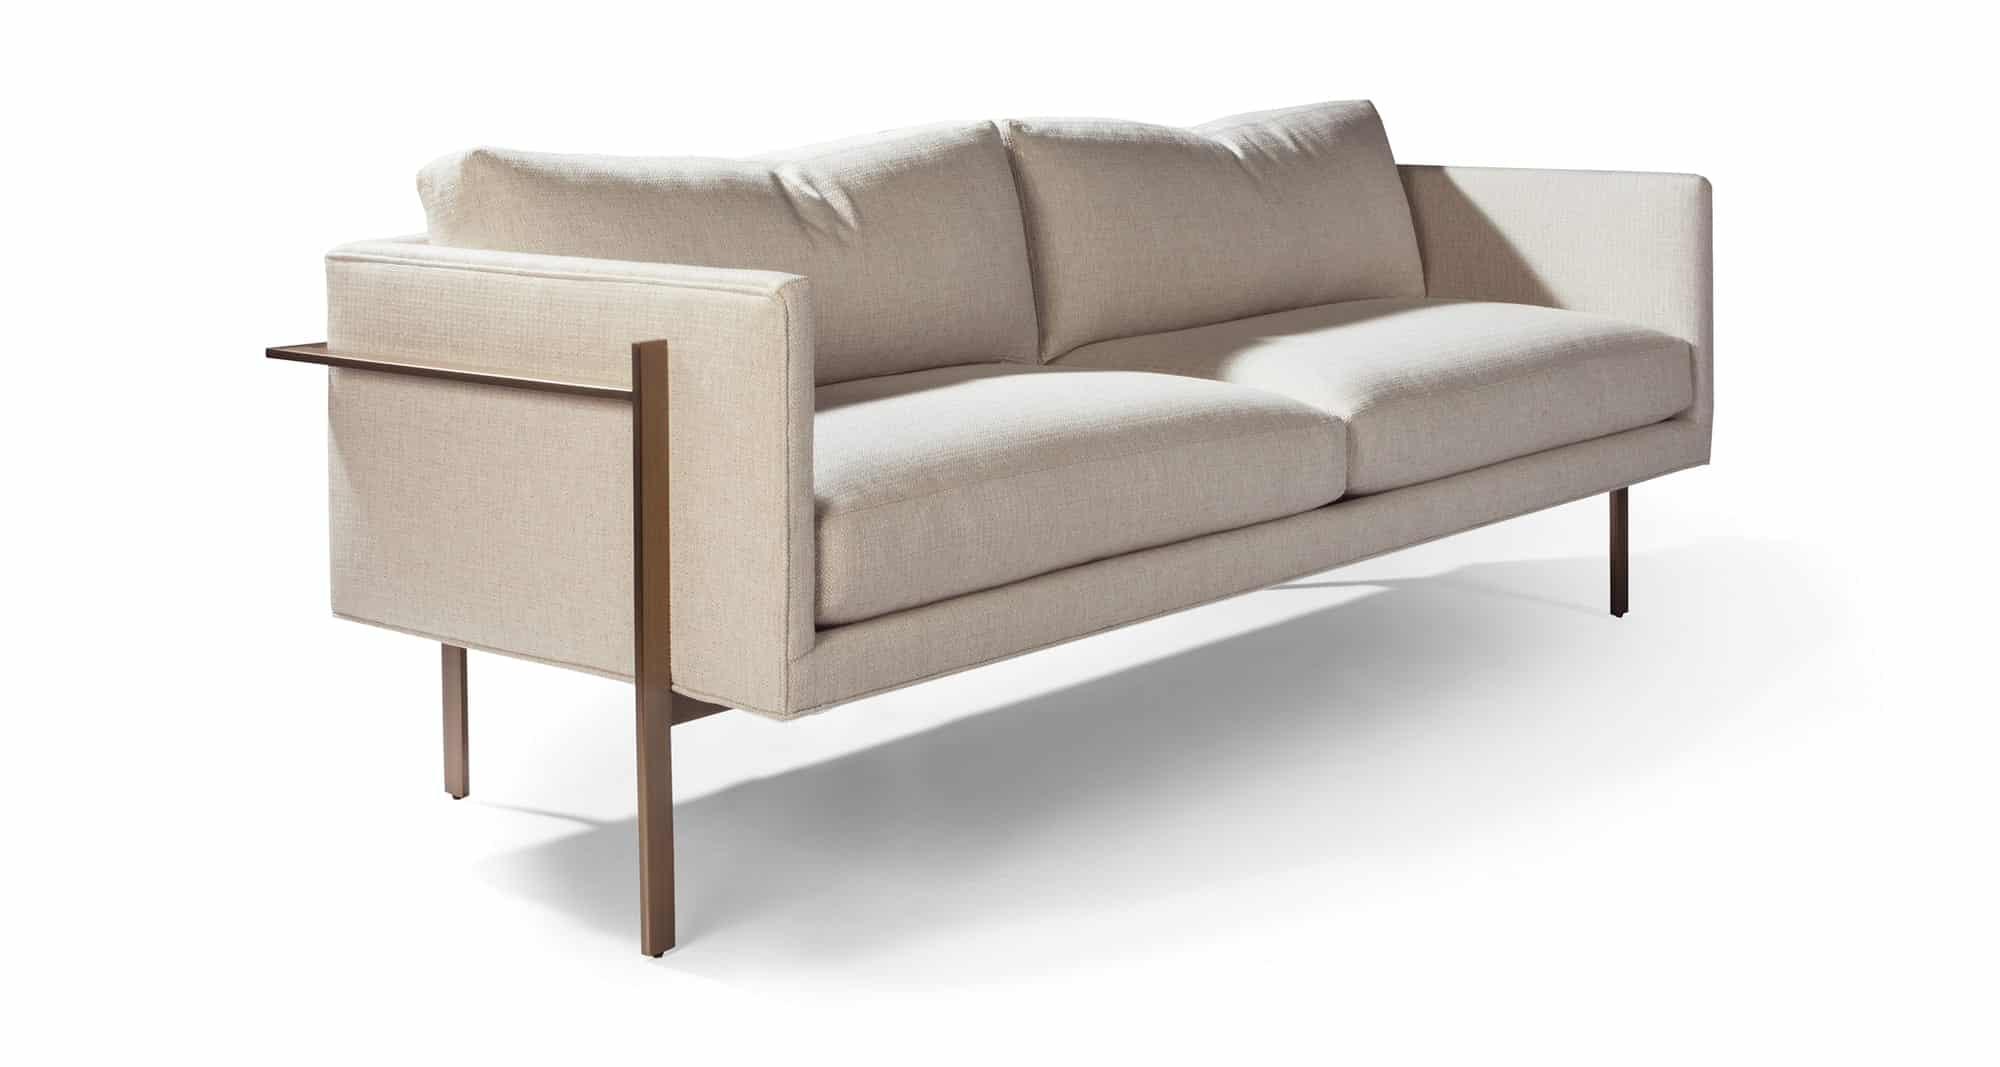 Thayer Coggin's The Drop In Sofa